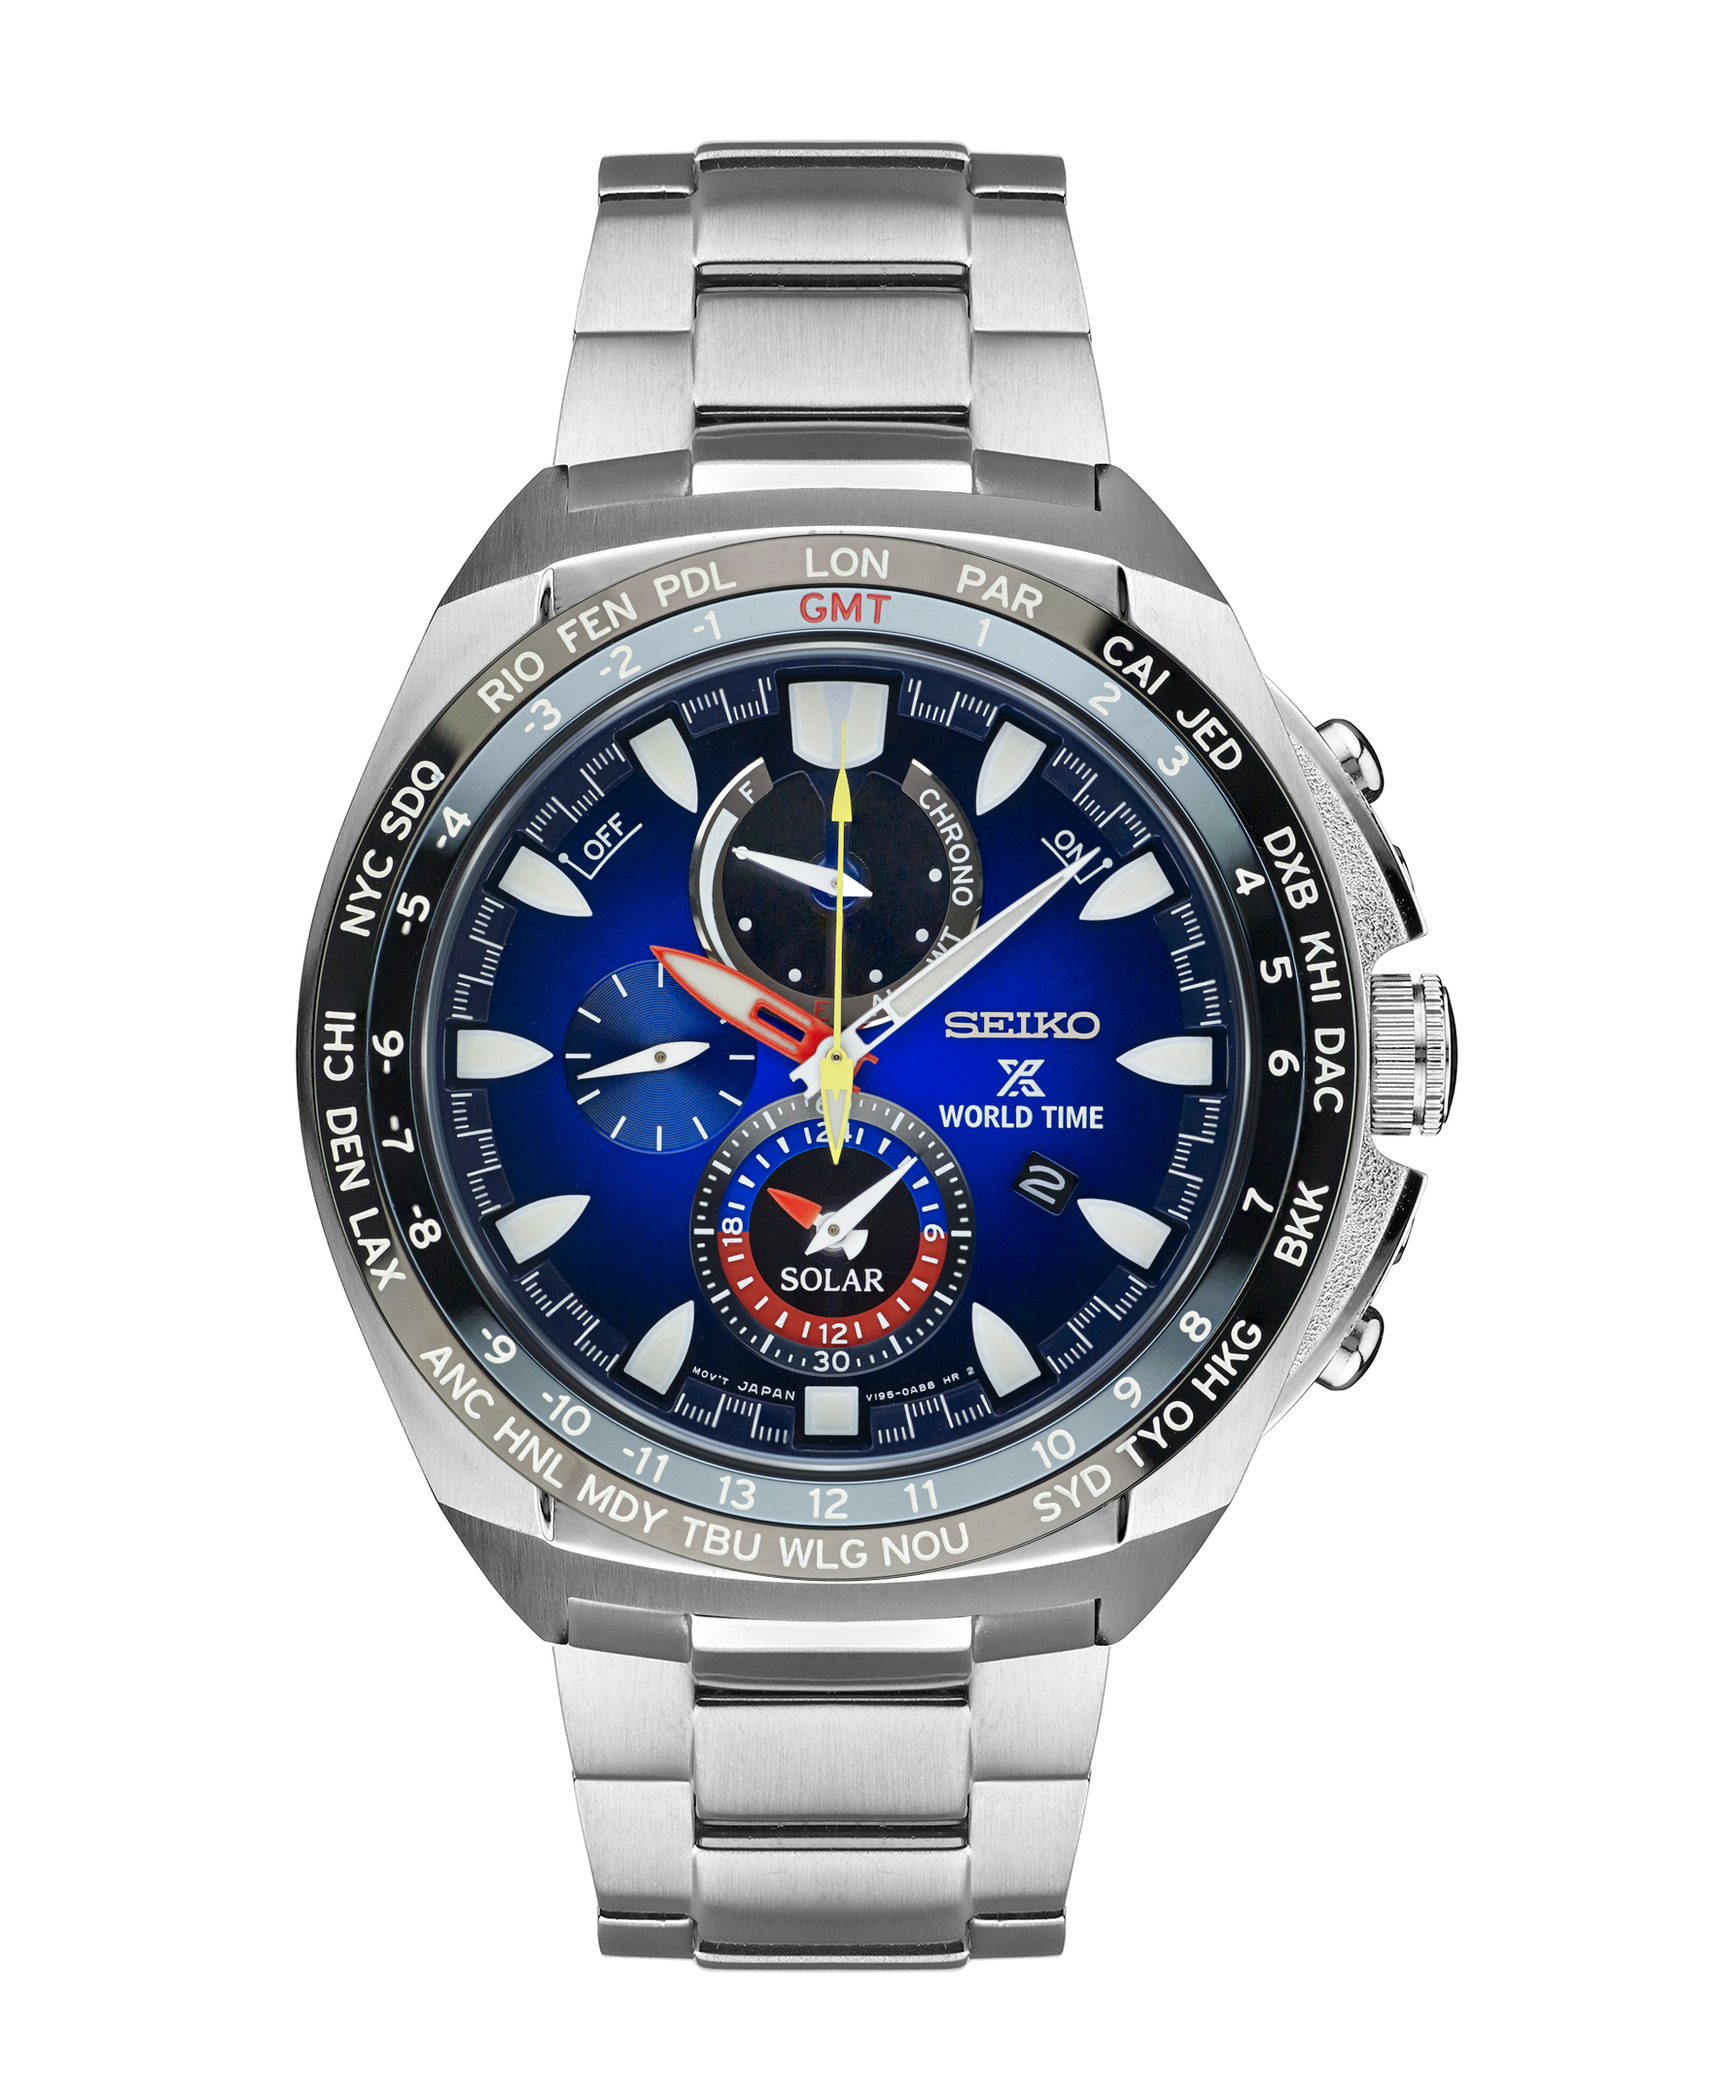 Seiko Prospex Ssc549 World Timer Solar Mens Blue Dial Watch Expert